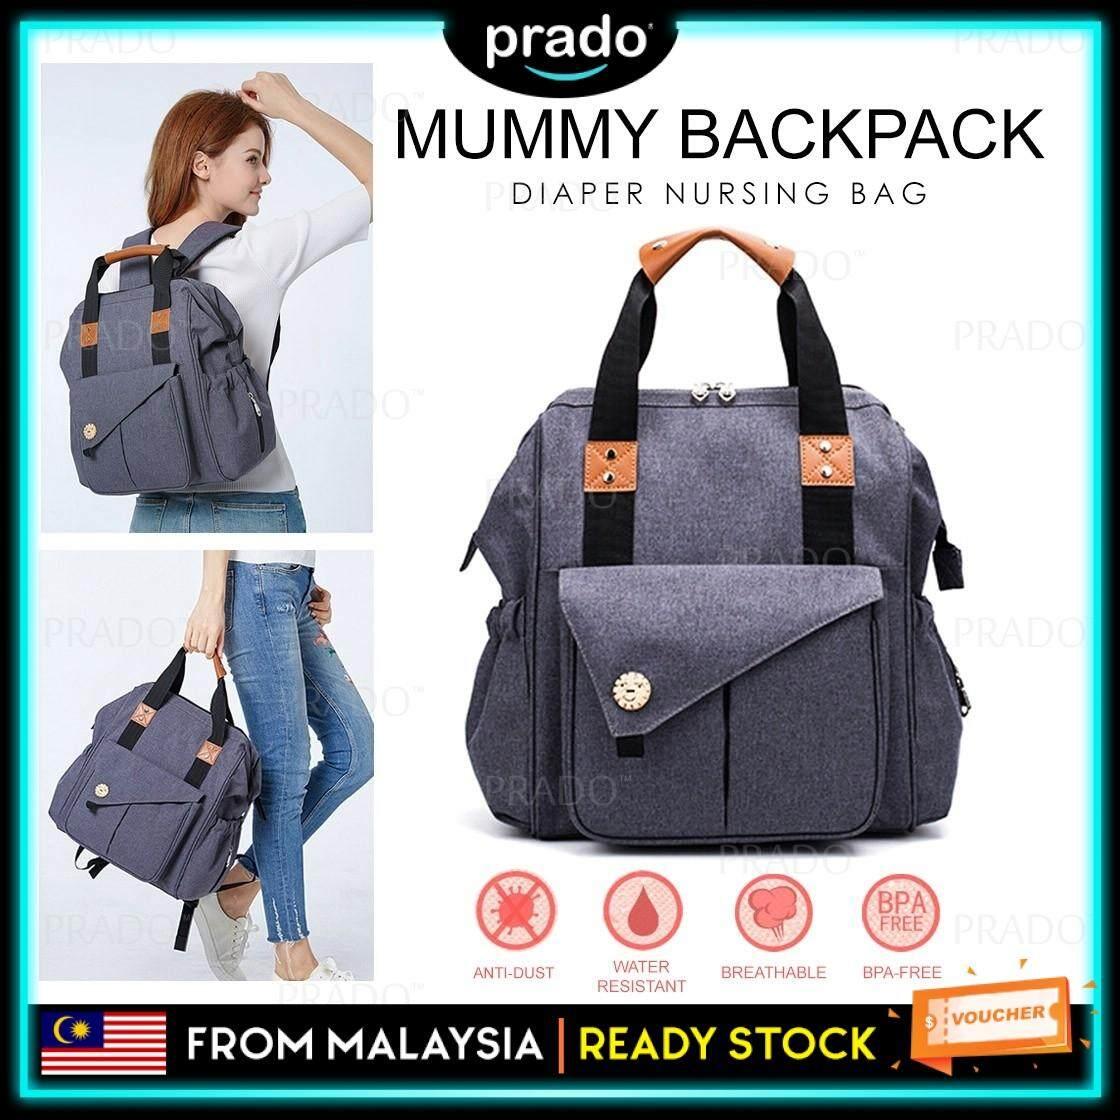 PRADO Malaysia Multi-functional Fashion Stylish Mummy Backpack Diaper Baby Infant Nursing Nappy Beg Baby Care Bayi Bag 1499